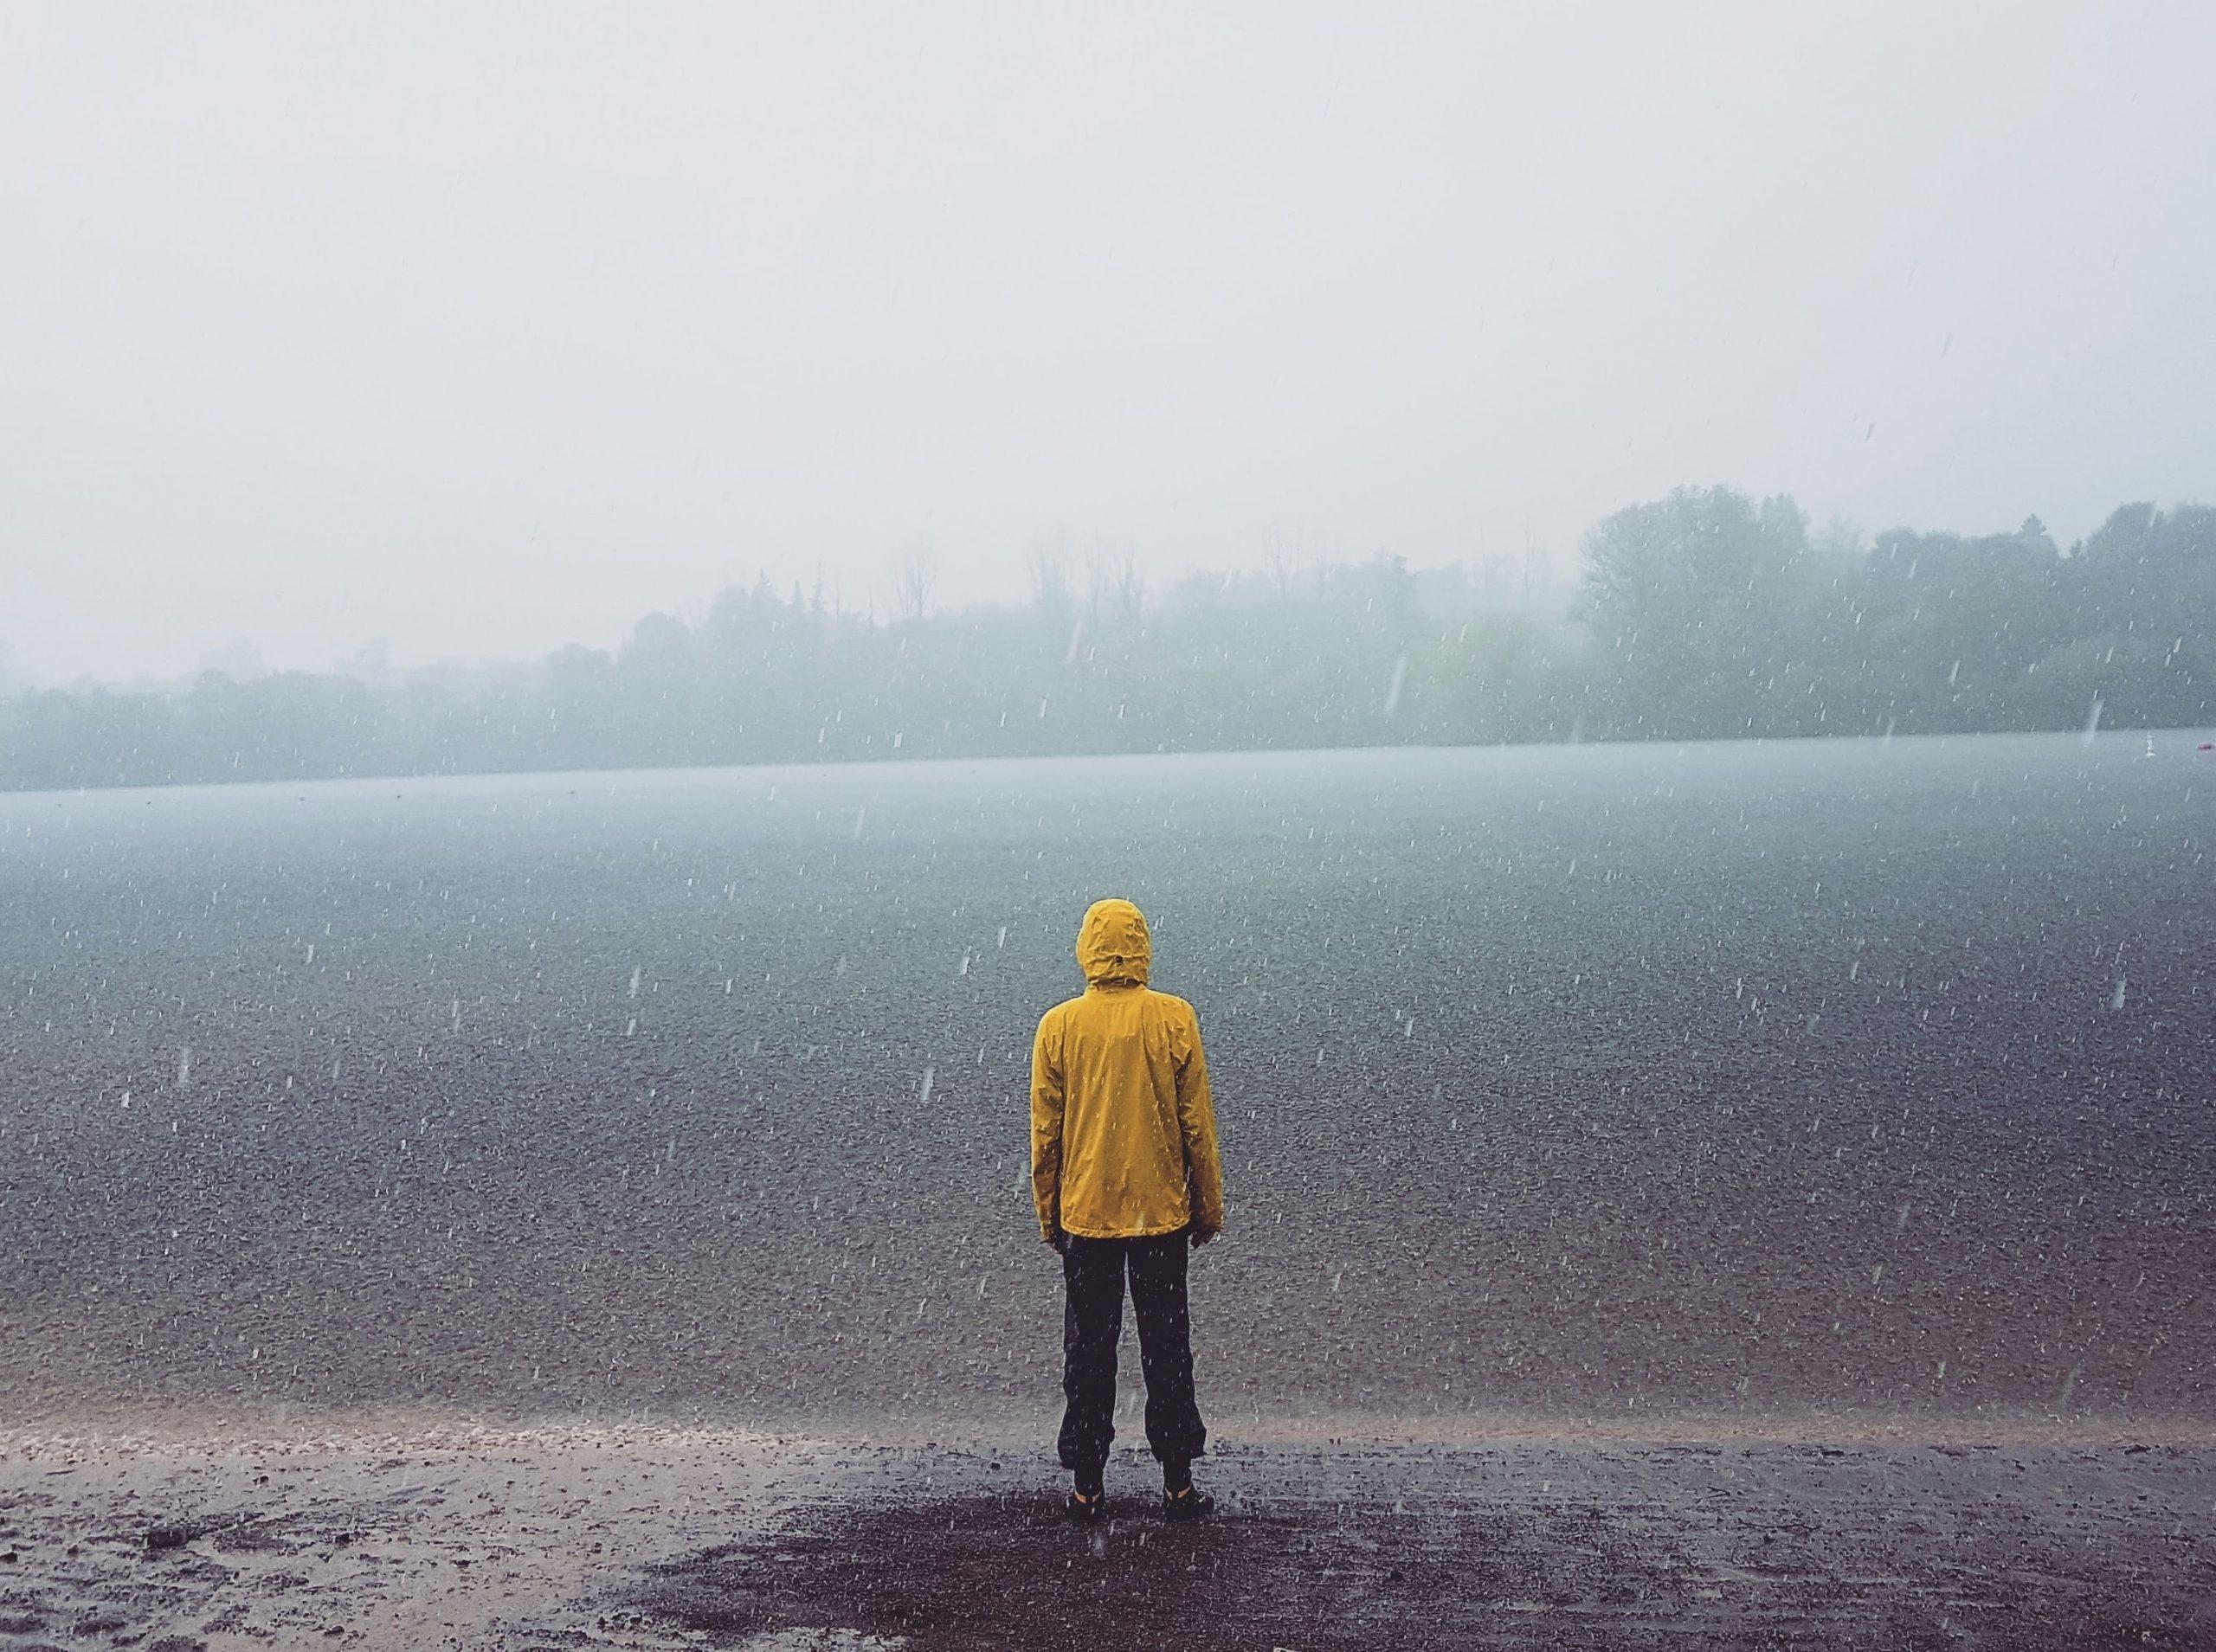 Para cégo ver: A foto insaturada exibe um homem de costas parado sob a chuva, com jaqueta impermeável amarela observando um campo liso, de grama baixa. Mais ao fundo é possível notar algumas árvores.